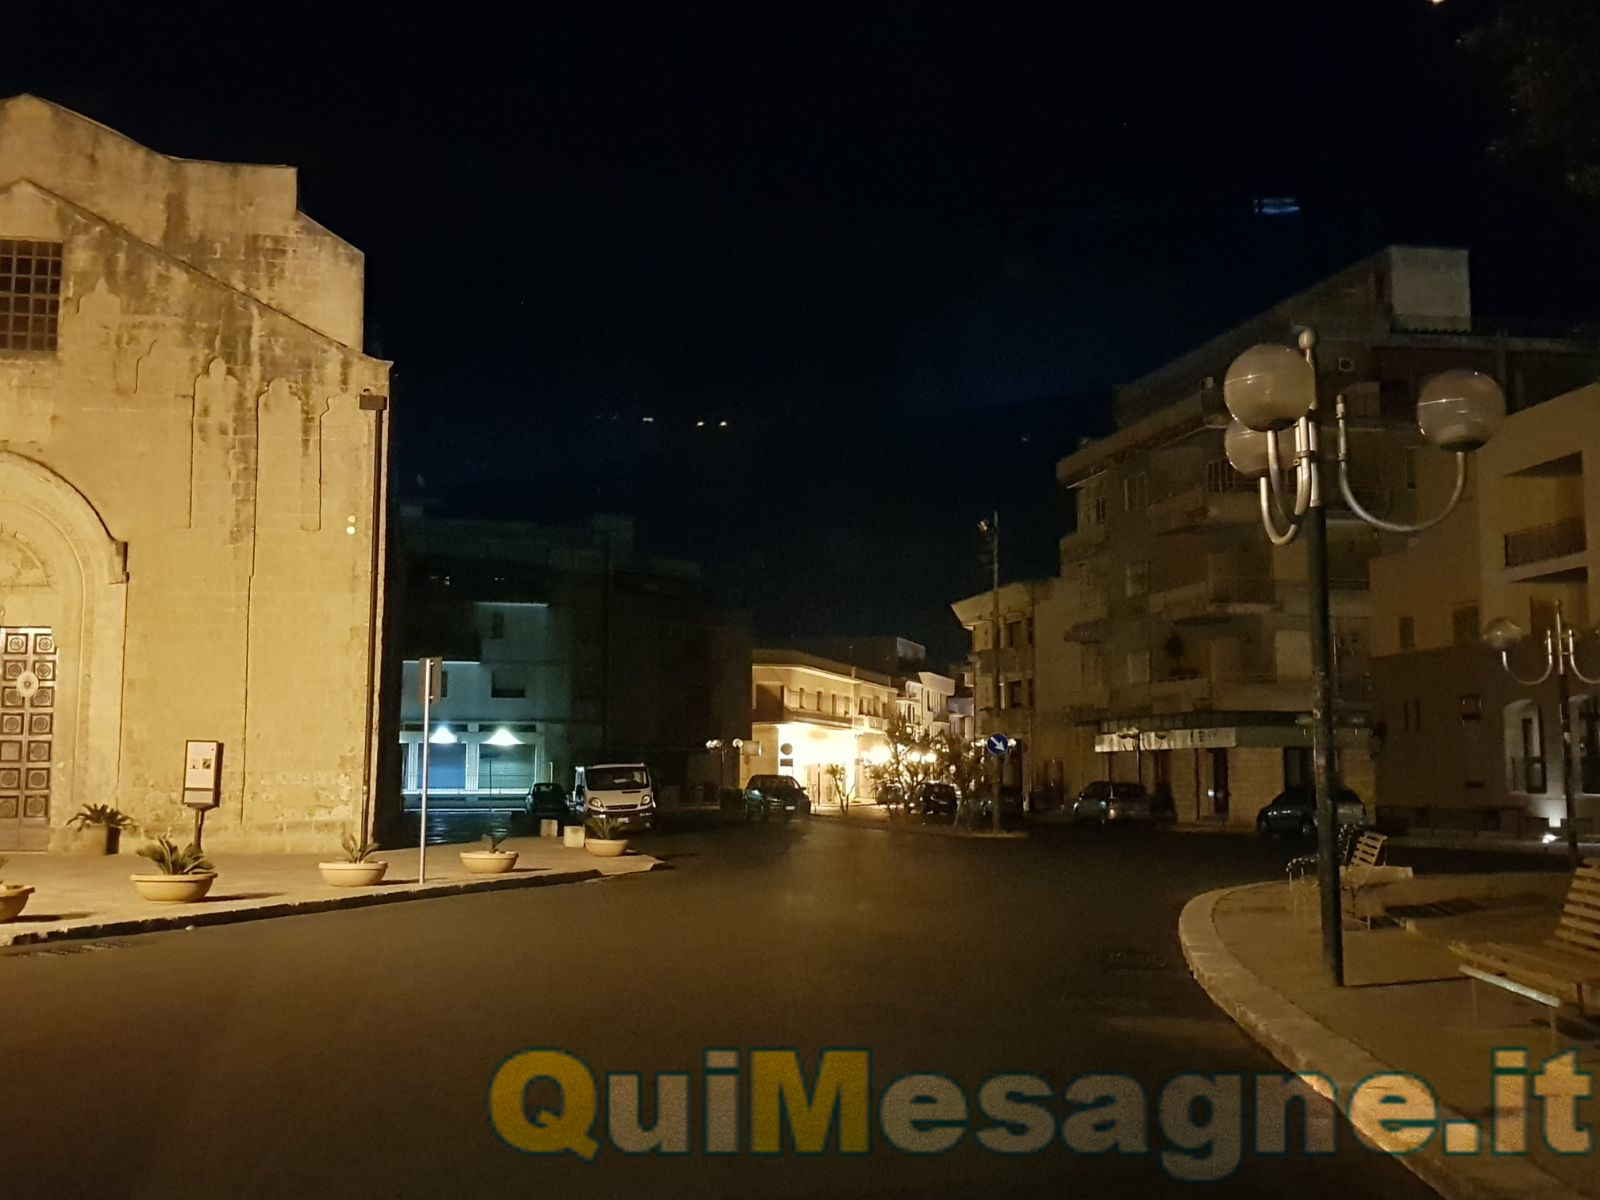 UFFICIO RECLAMI – Via Marconi e zona Carmine ancora al buio. Che succede?